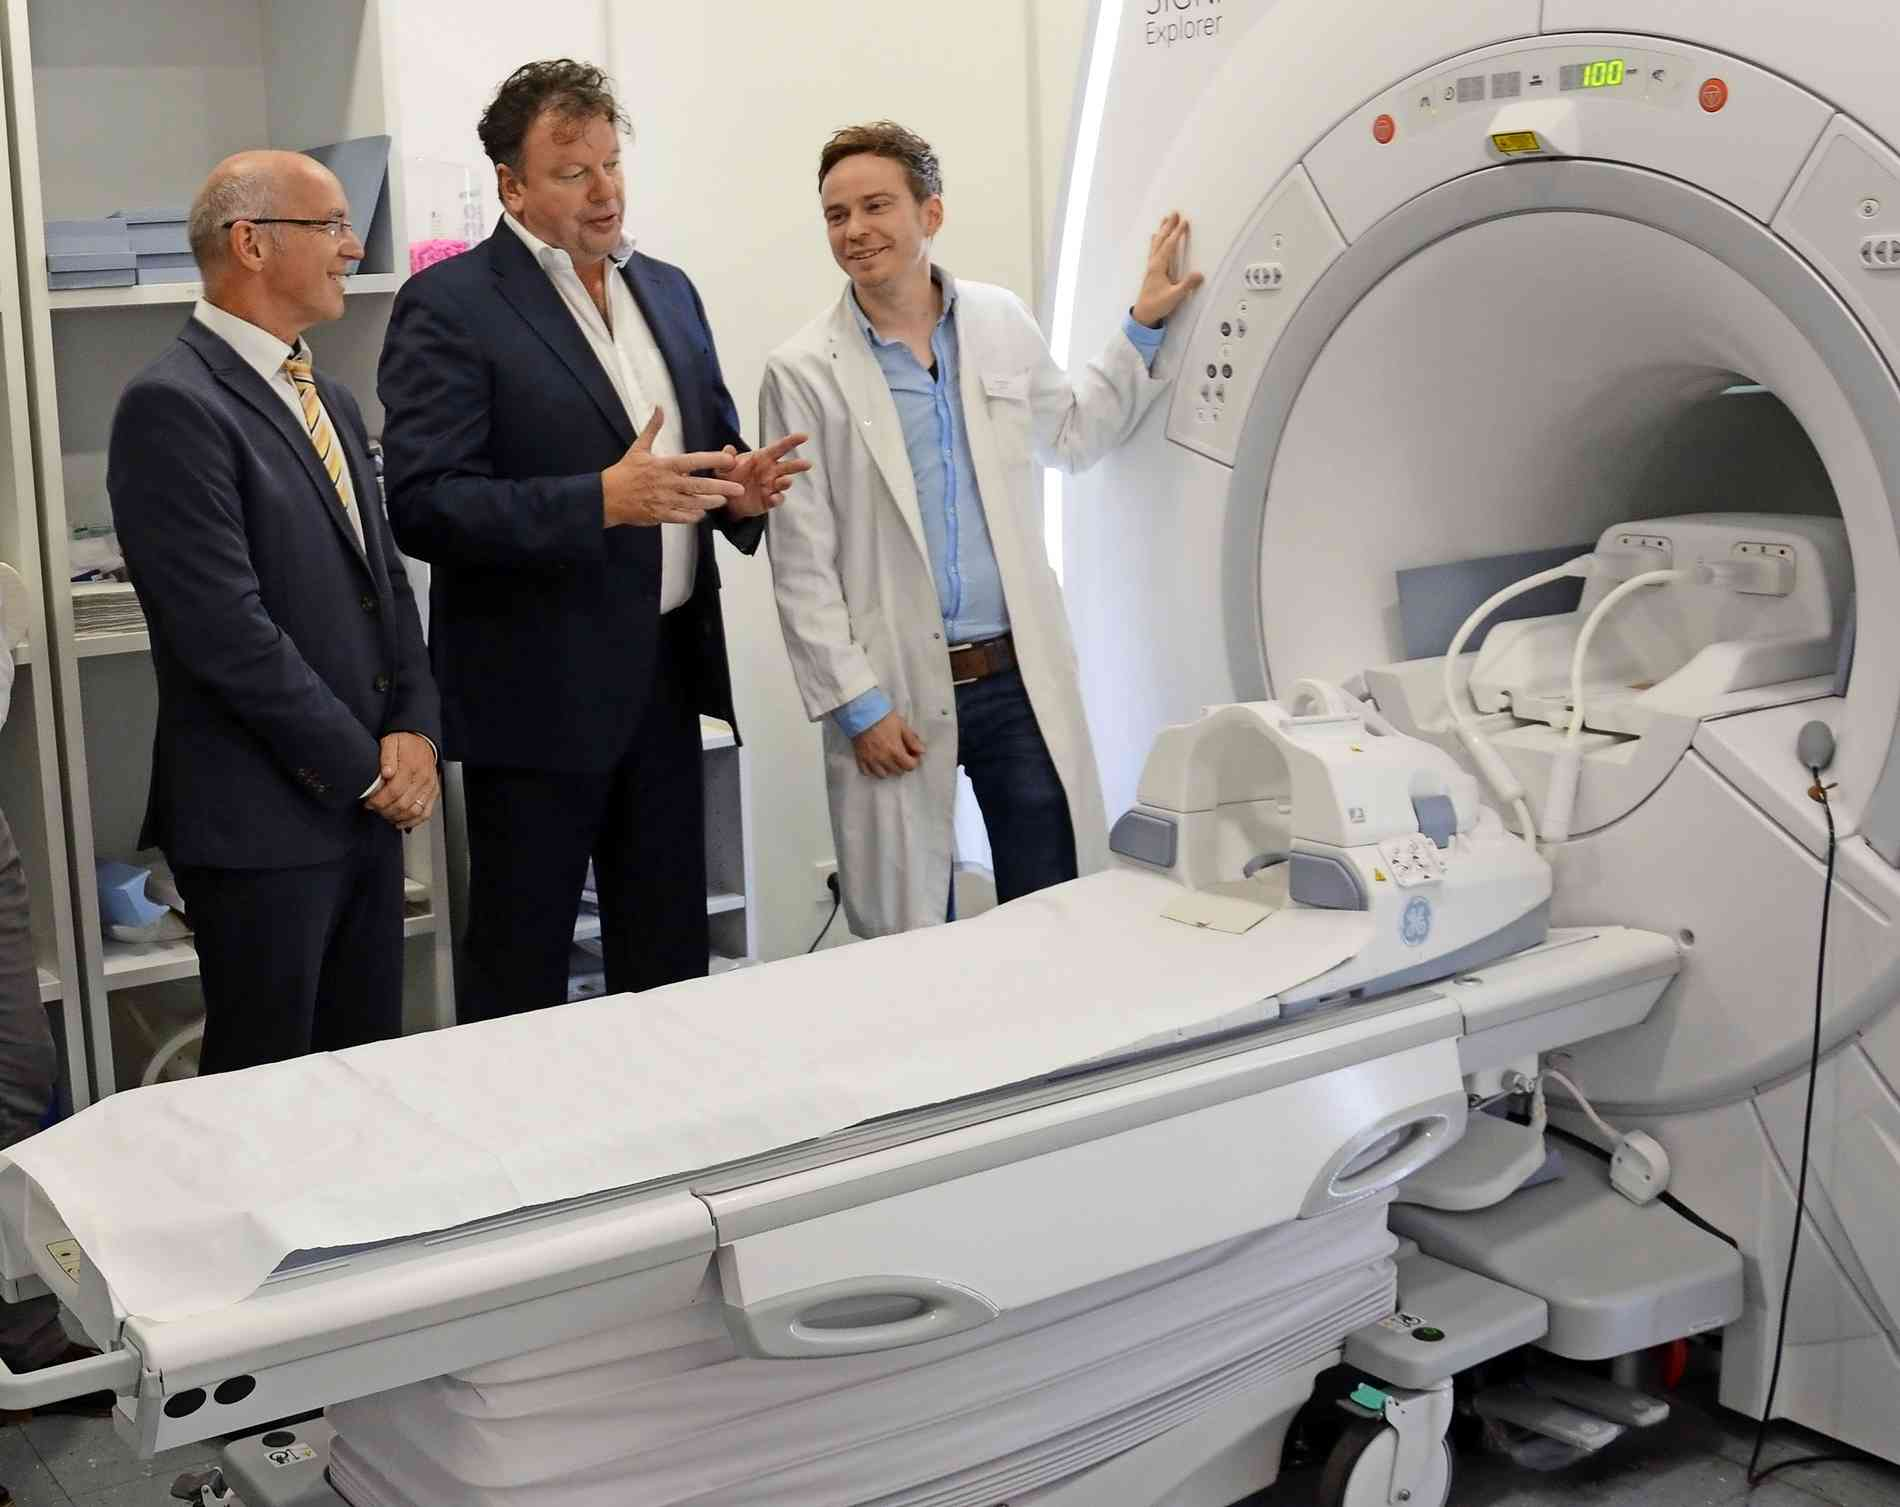 radiologie wilhelmshaven